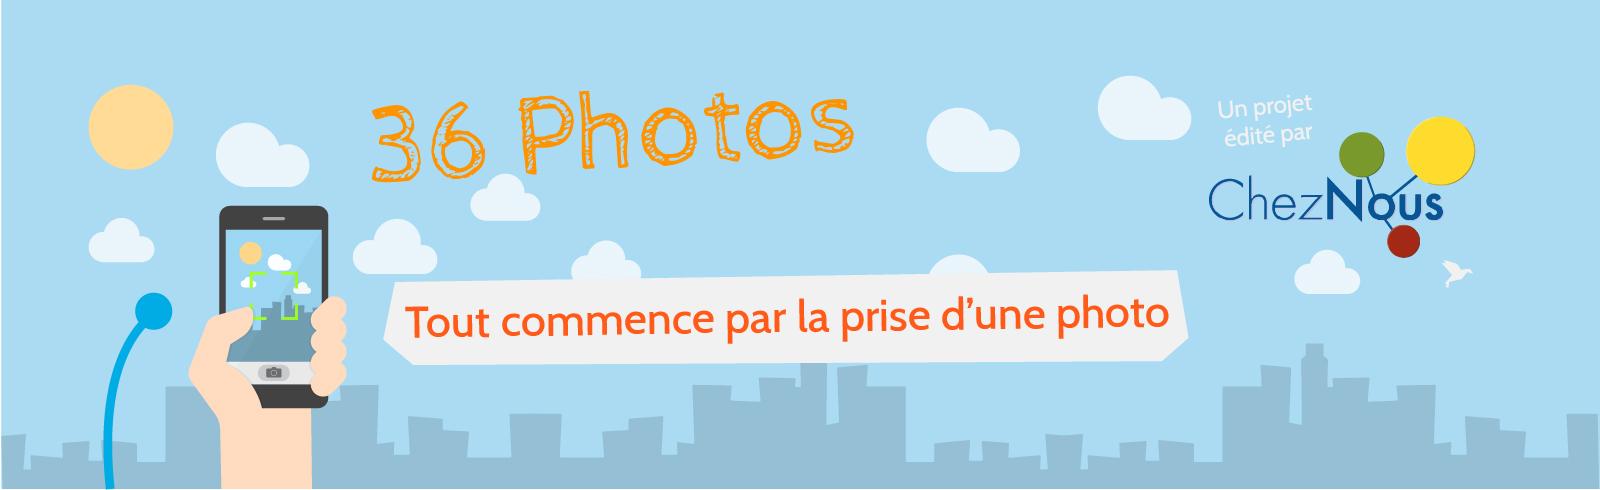 36 Photos